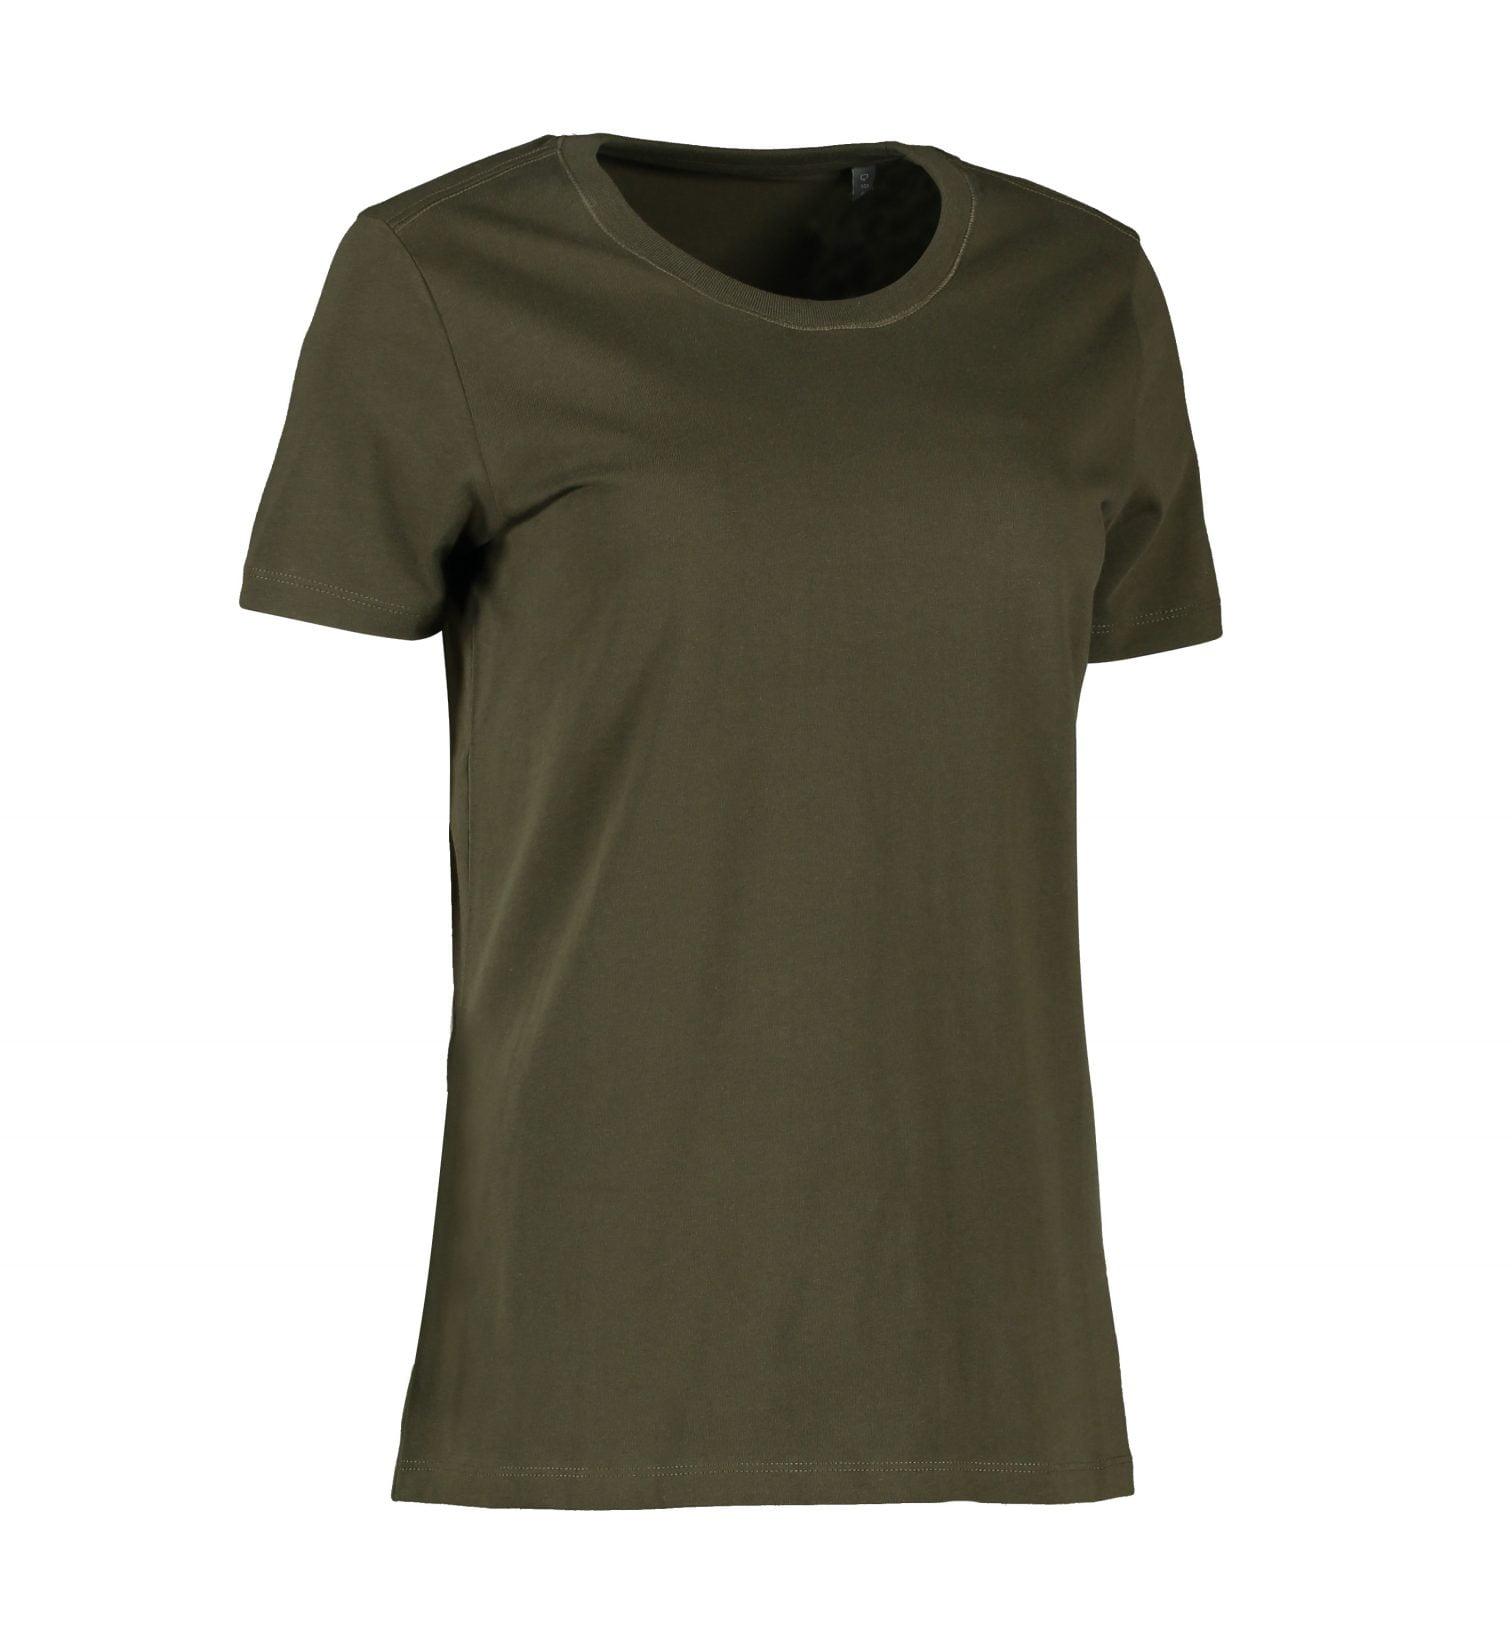 Økologisk T-shirt i klassisk, tidløst design med fantastisk pasform - mulighed for trykt eller broderet logo